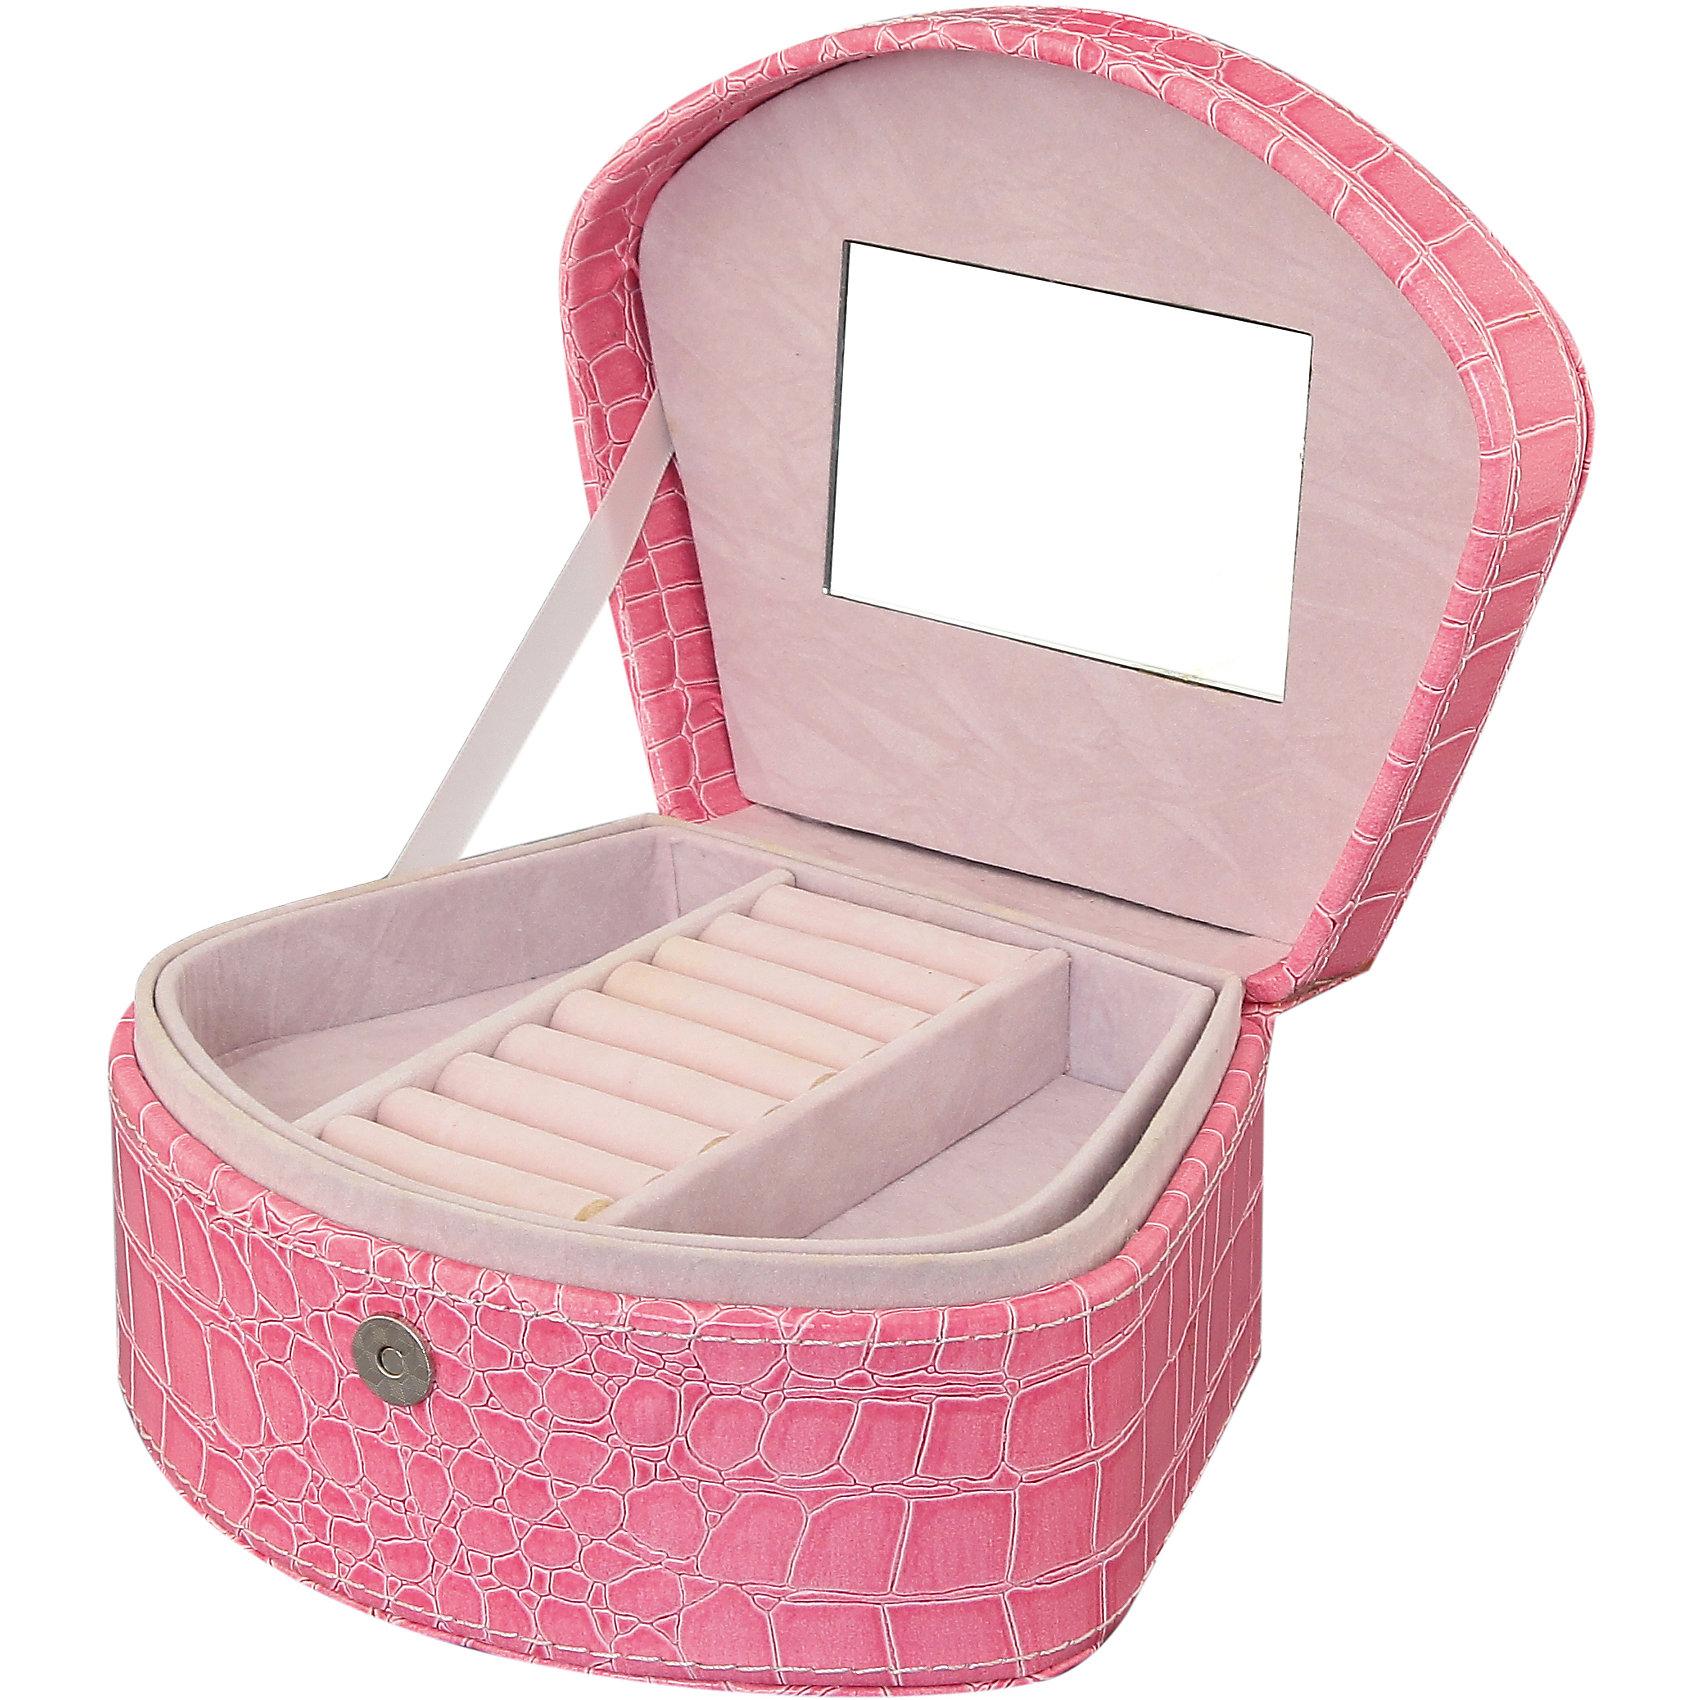 Шкатулка 18*15*9 см. Розовая ракушка + зеркало , EL CasaПорядок в детской<br>Оригинальная шкатулка идеально впишется в Ваш интерьер! Все Ваши украшения будут лежать в одном месте и никогда не потеряются! Размер 18х15х9 см. С зеркалом, с отсеками для бижутерии и украшений, с отсеком для колец.<br><br>Ширина мм: 190<br>Глубина мм: 160<br>Высота мм: 100<br>Вес г: 517<br>Возраст от месяцев: 0<br>Возраст до месяцев: 1188<br>Пол: Унисекс<br>Возраст: Детский<br>SKU: 6668703